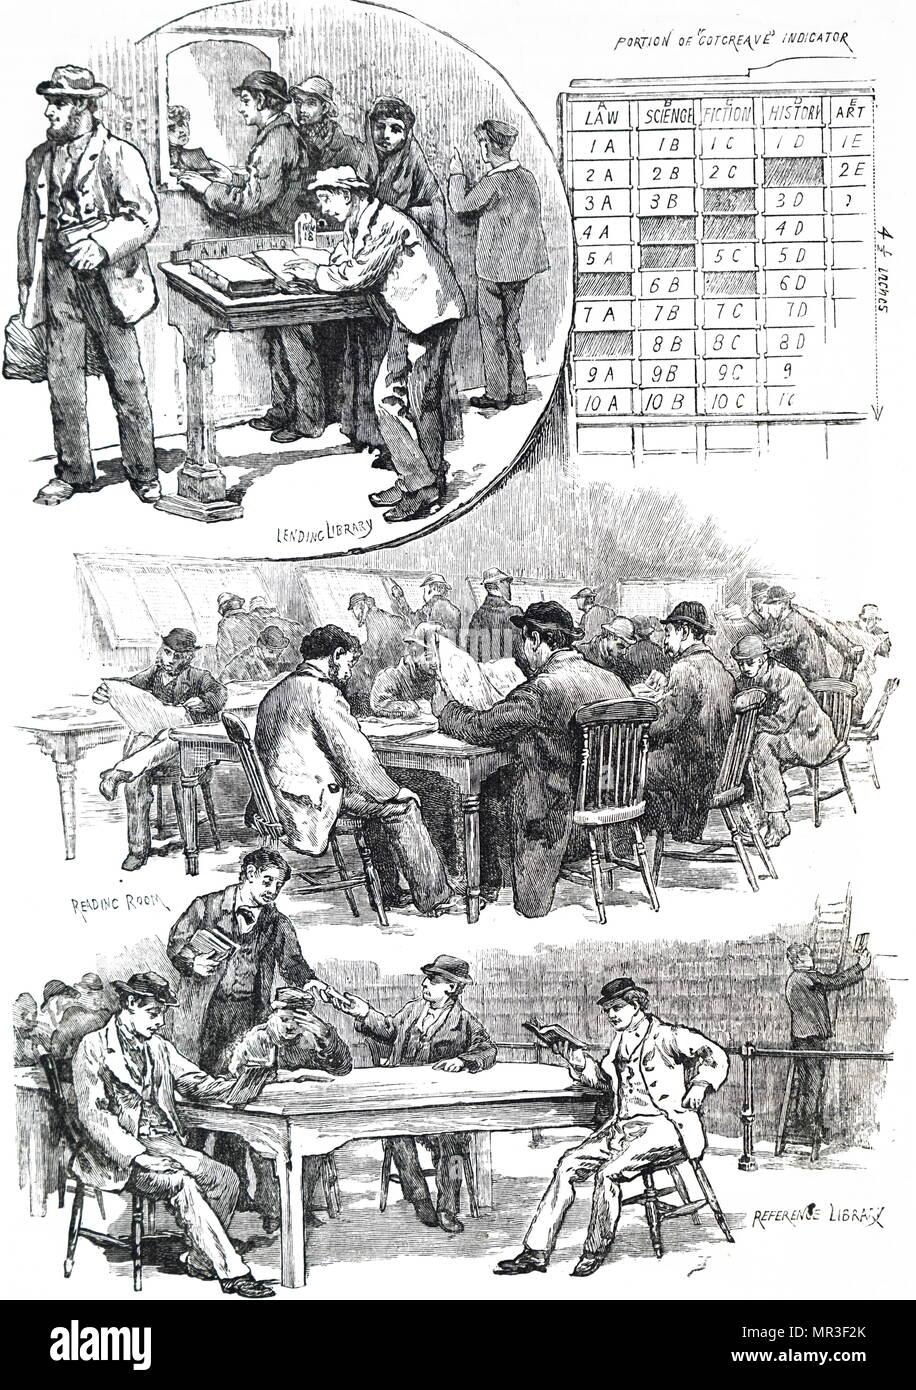 Ilustración mostrando un sábado por la noche en una biblioteca libre. Estos fueron establecidos en Gran Bretaña después de la promulgación de la Ley de bibliotecas libres de 1850. Fecha del siglo XIX Imagen De Stock